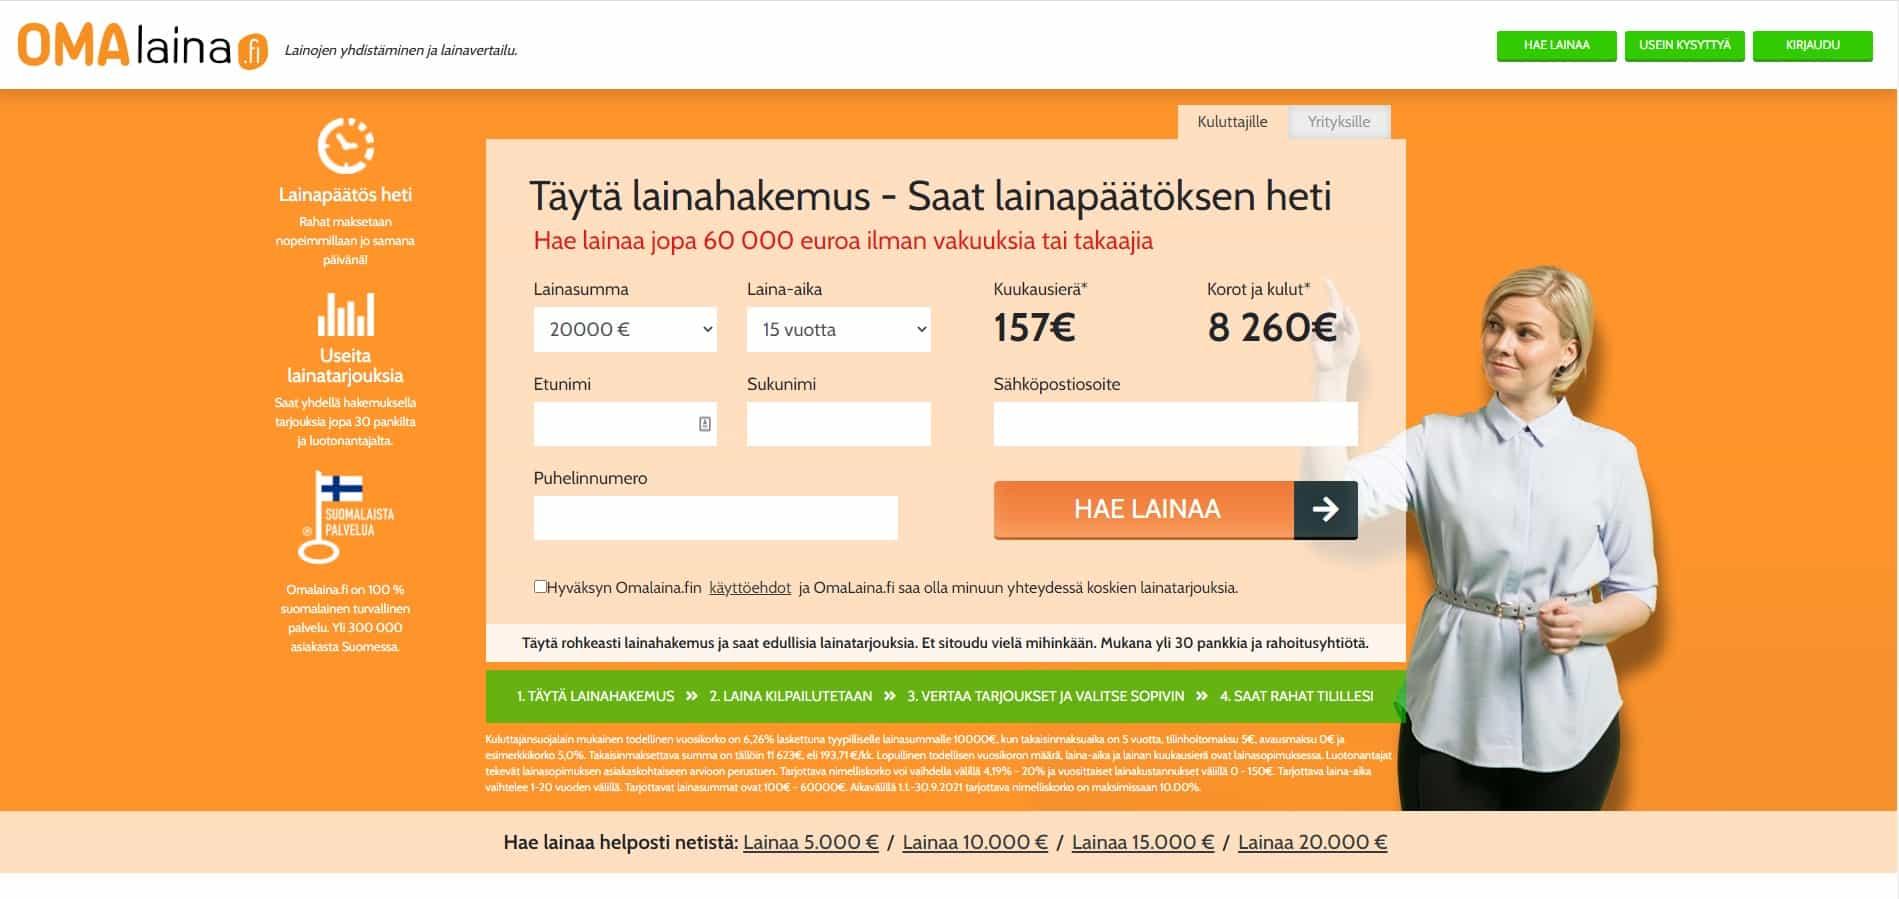 Omalaina.fi etusivu